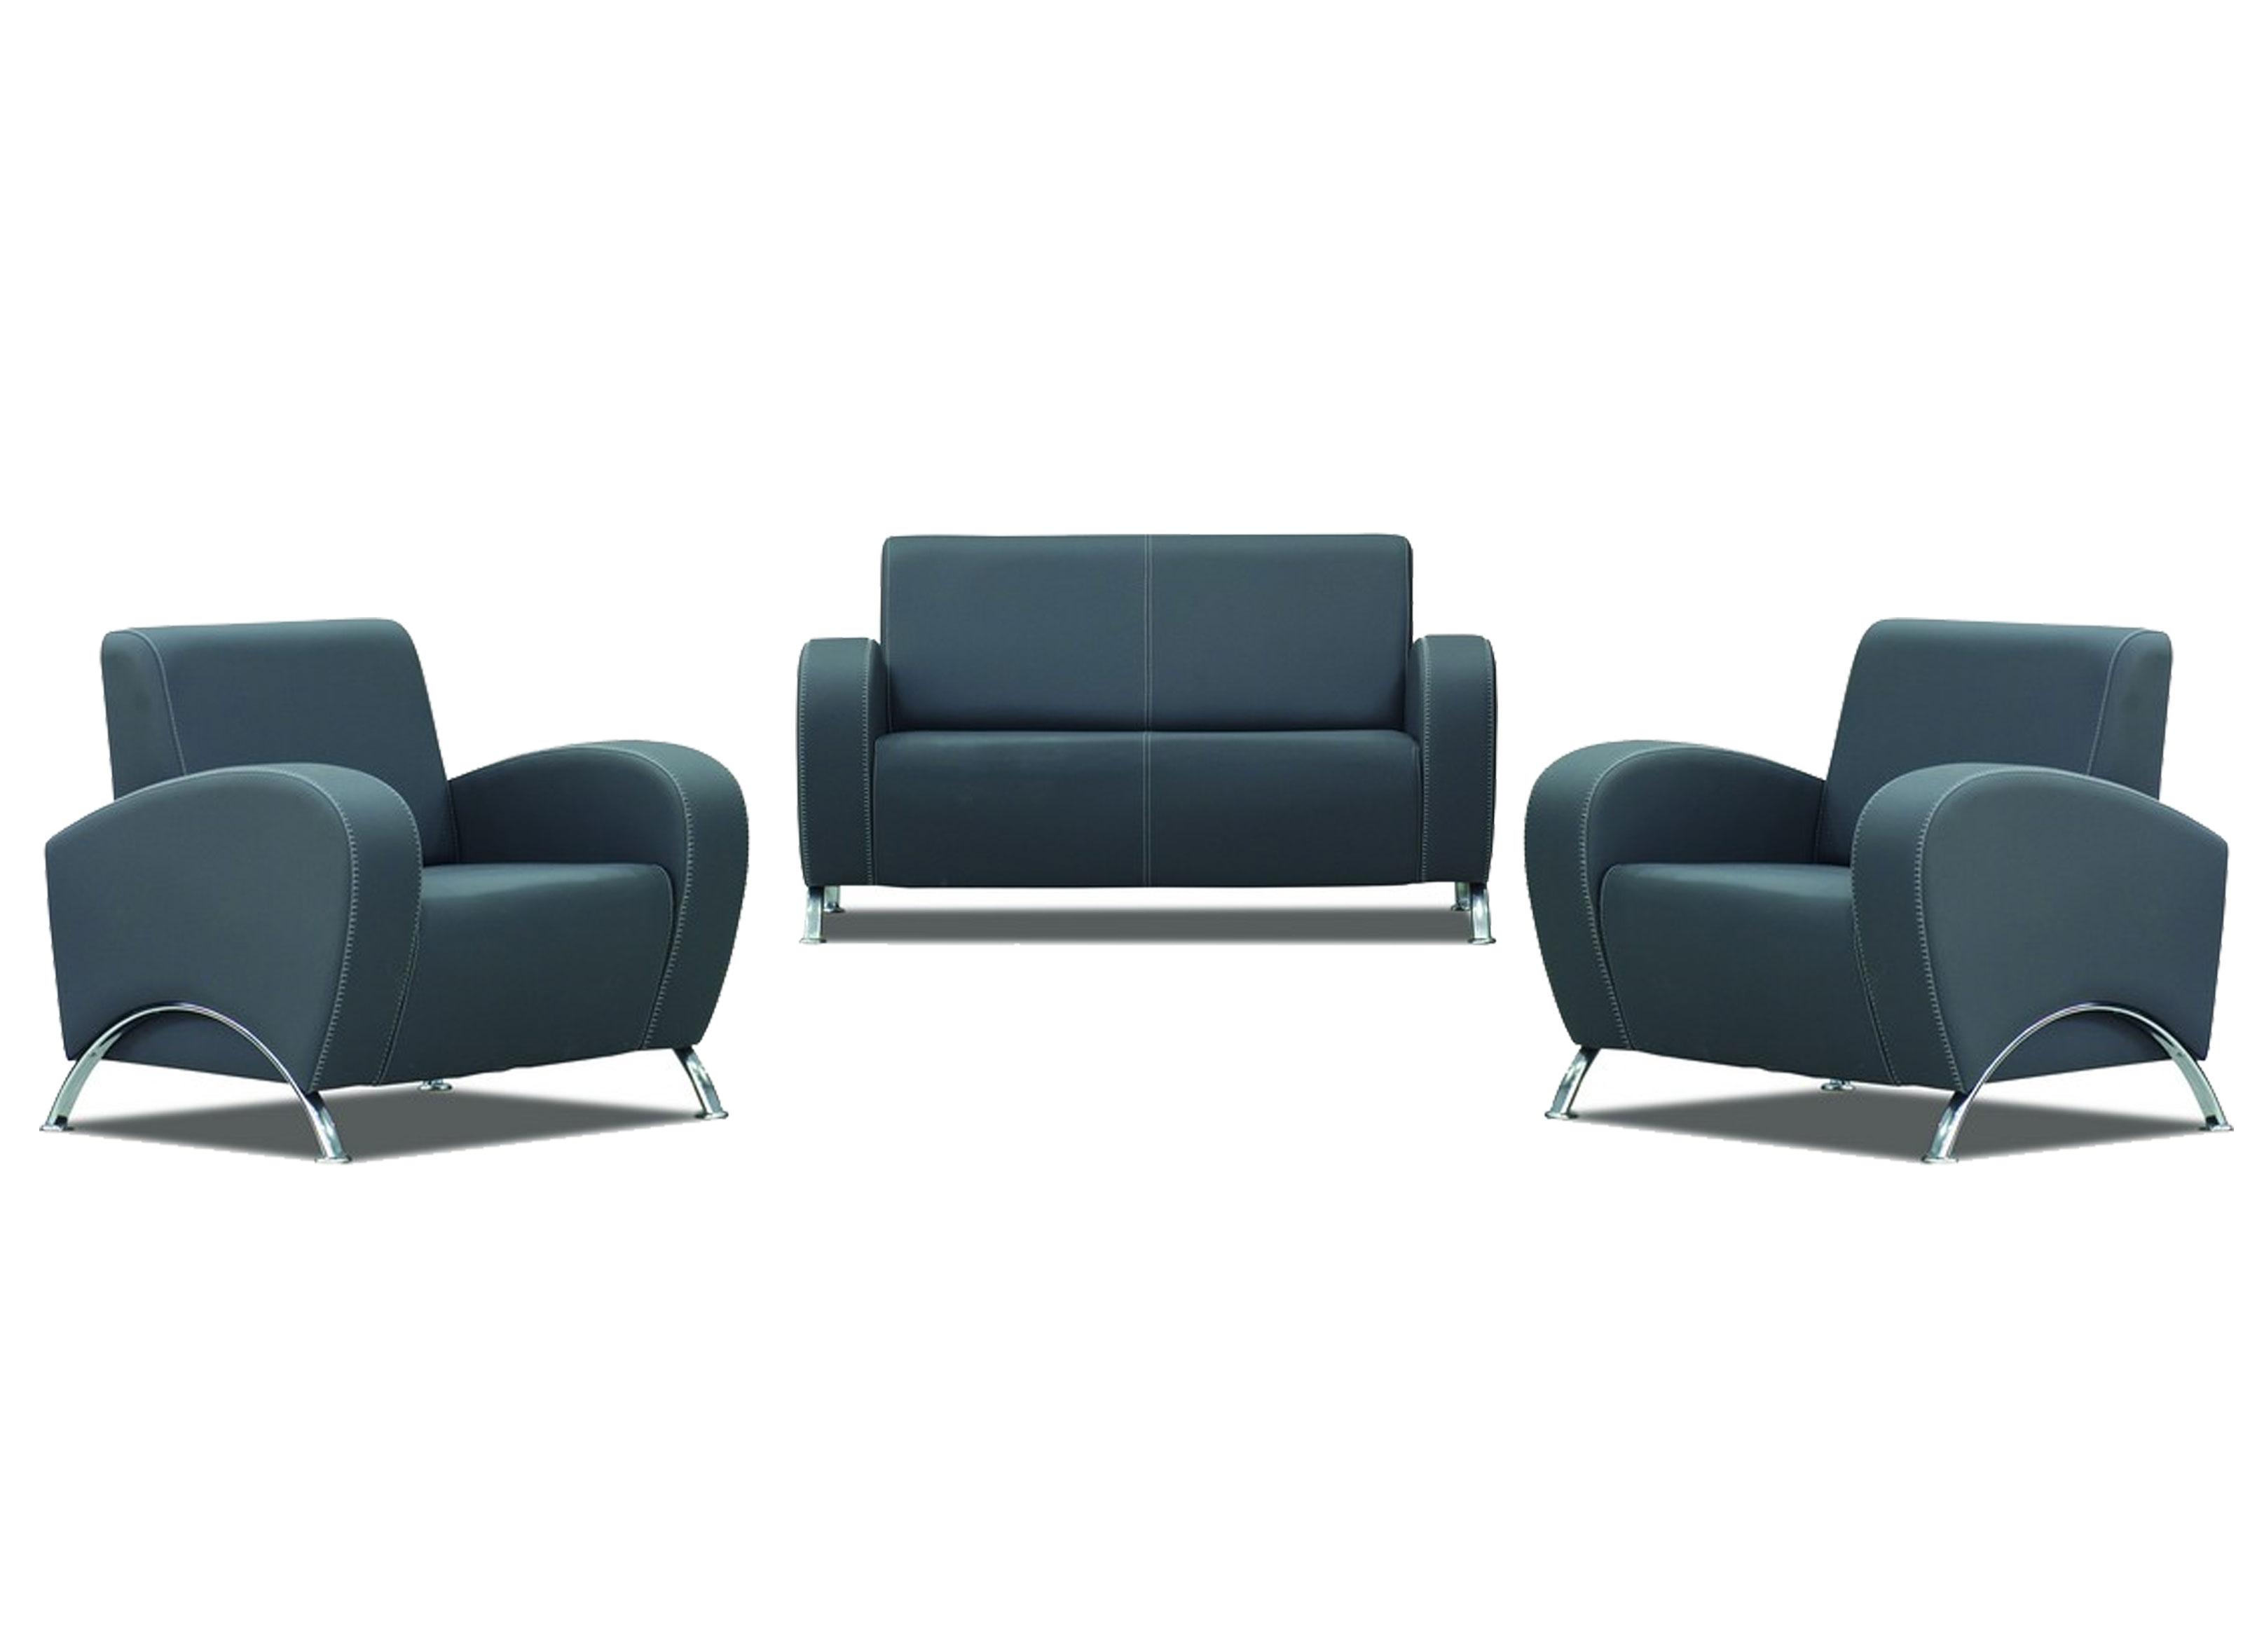 melodi sitzgruppe aus sofa und 2 sesseln in grau g nstig kaufen m bel star. Black Bedroom Furniture Sets. Home Design Ideas